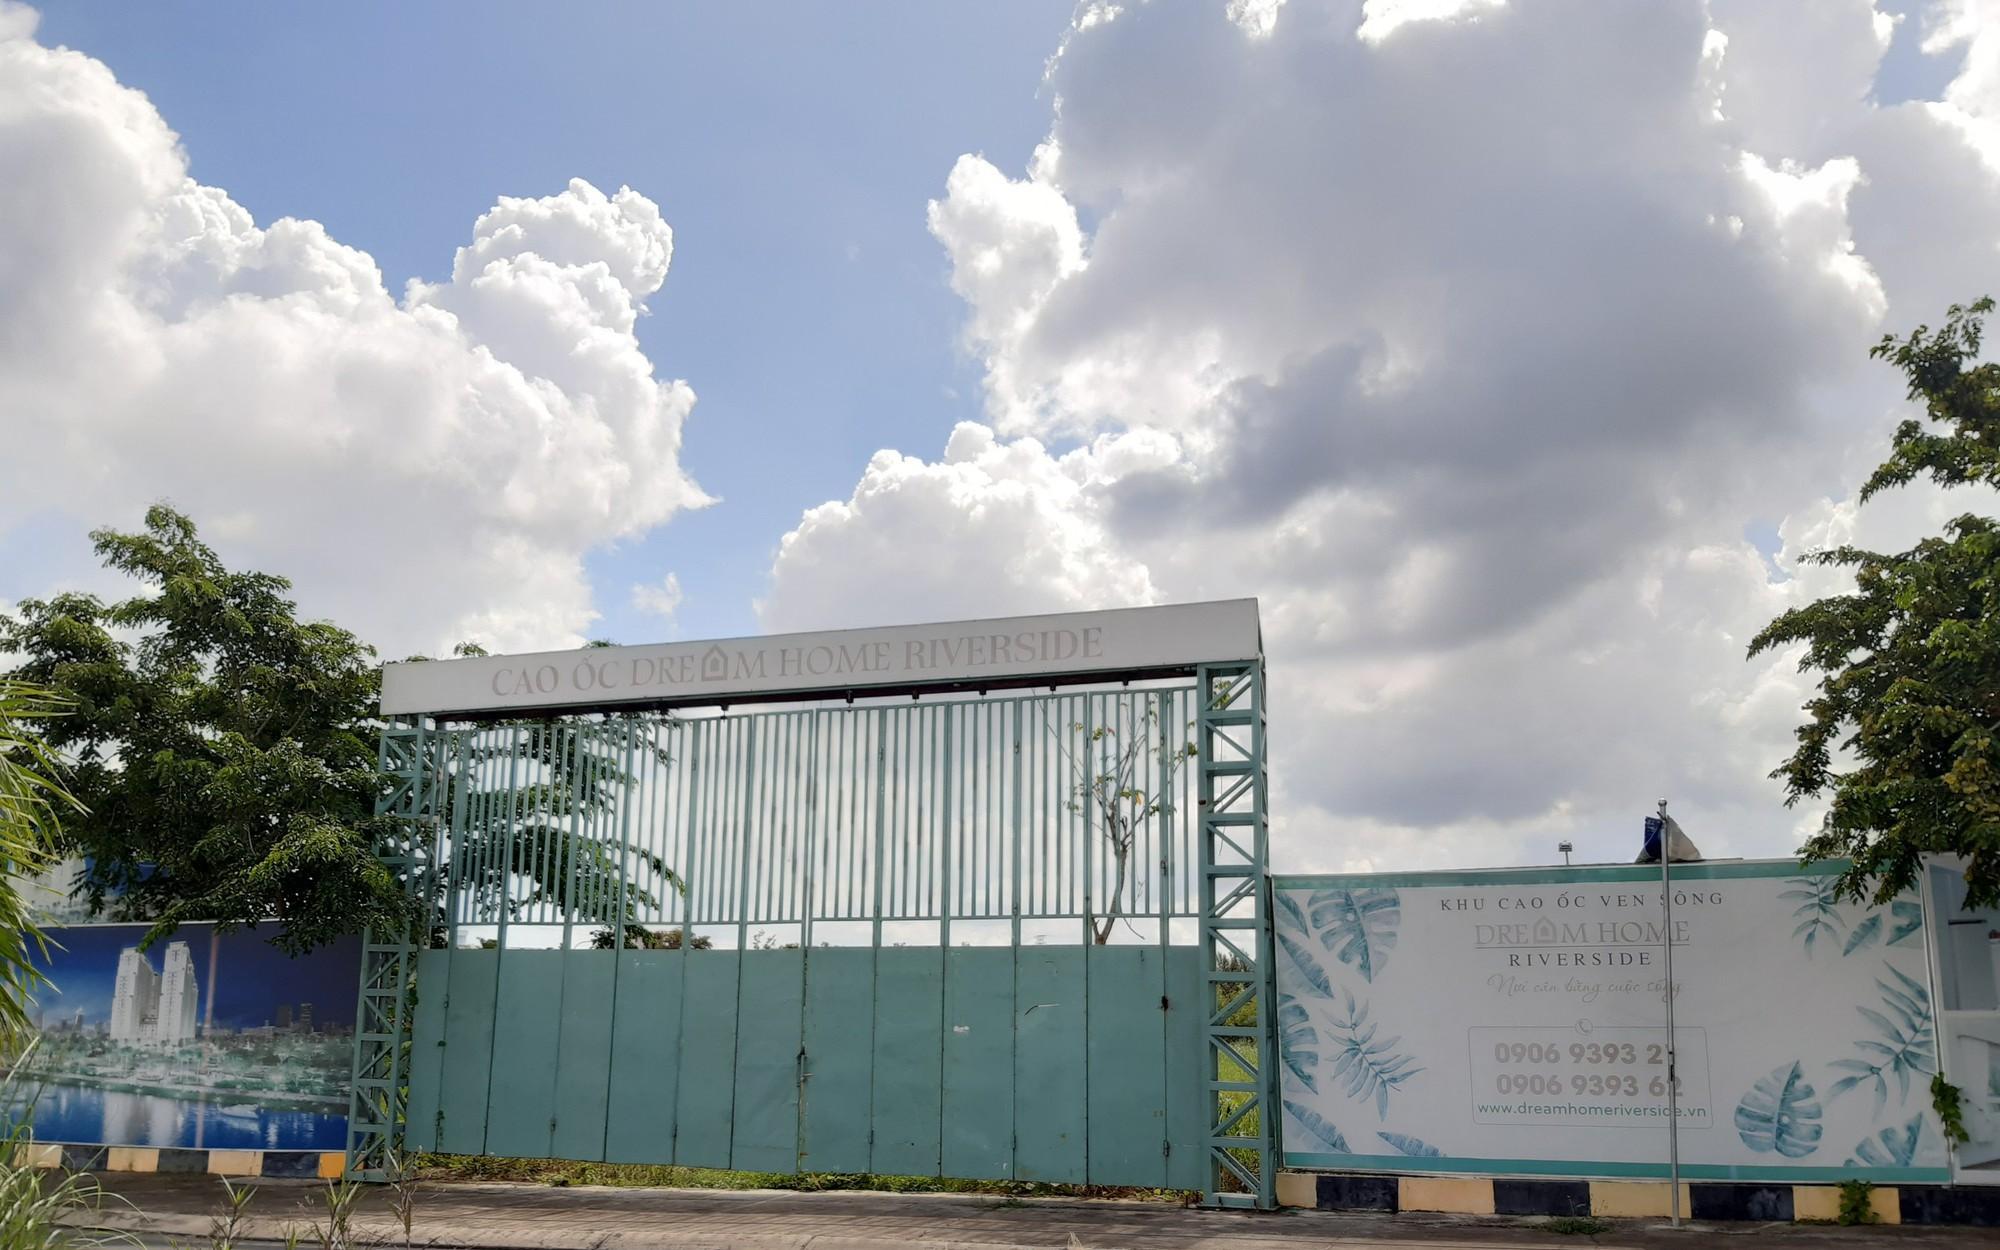 Sau gần 2 năm mở bán, Dream Home Riverside của Nhà Mơ vẫn đang đào móng